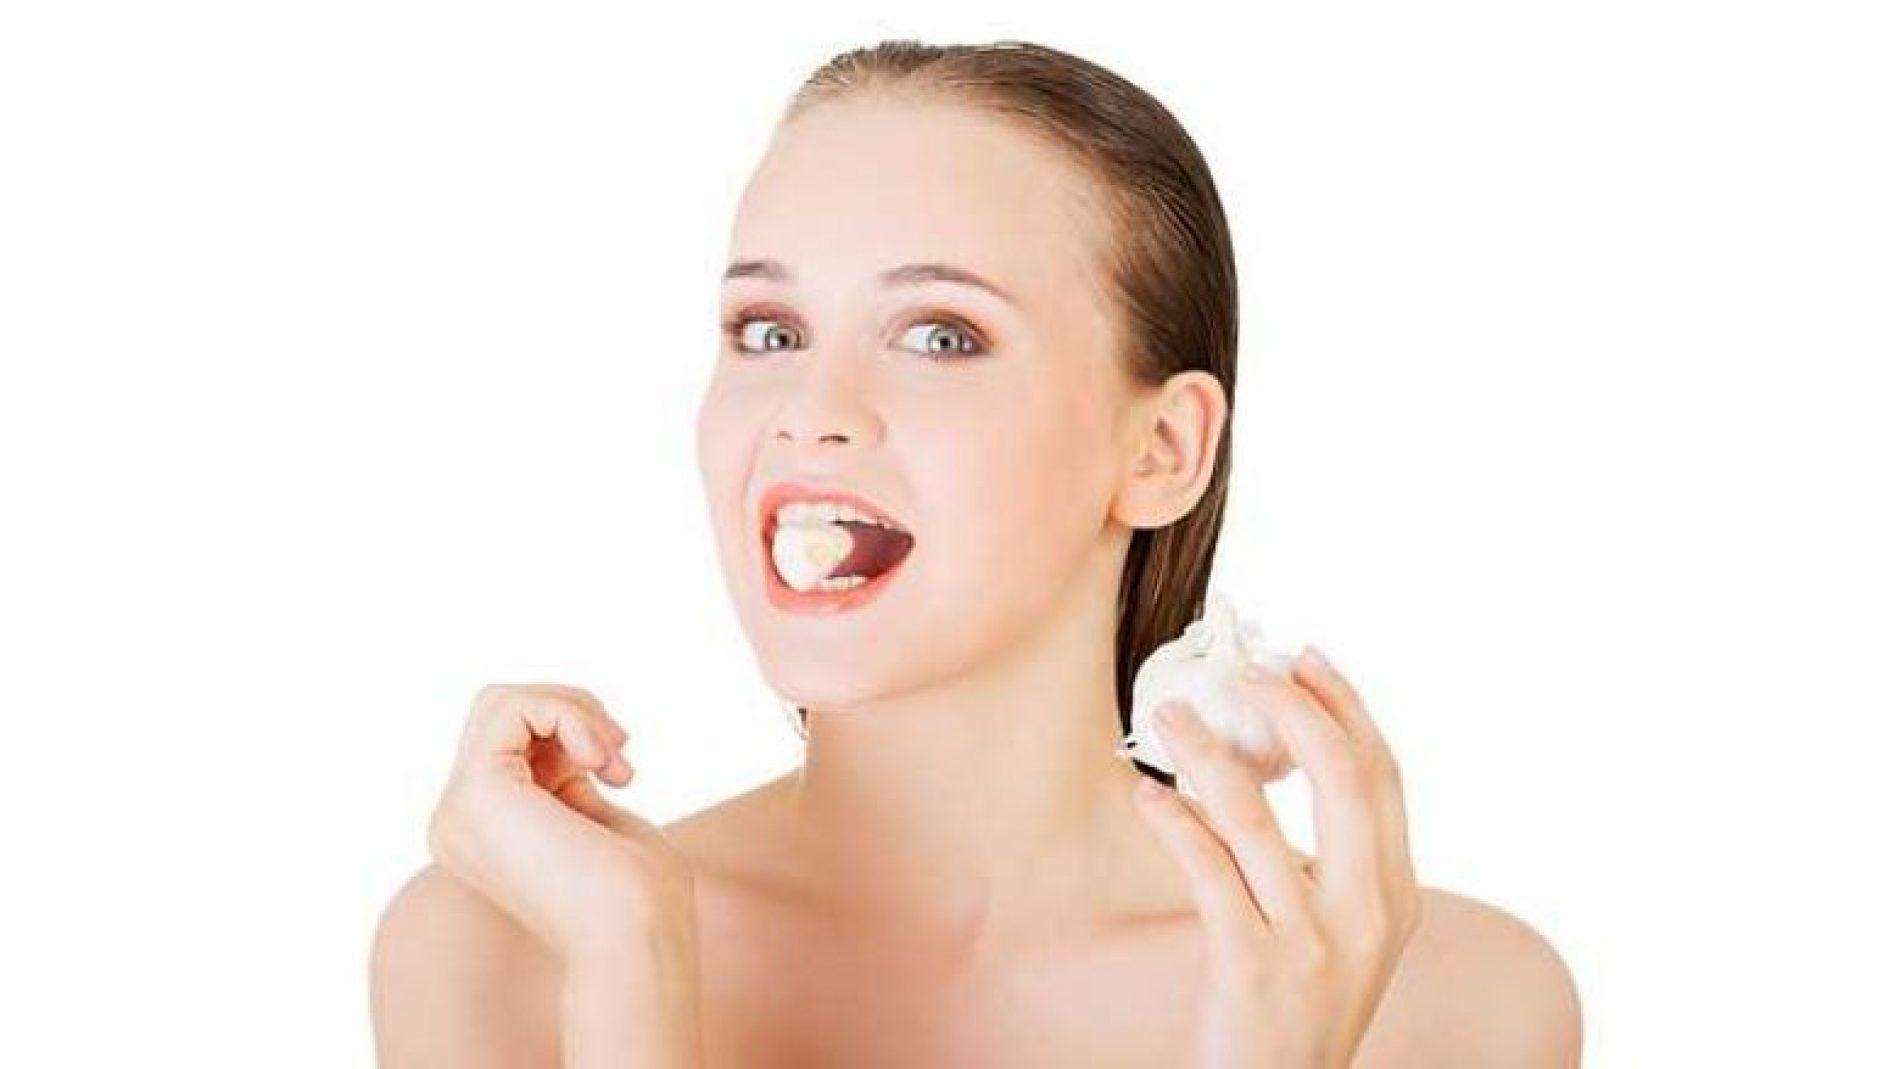 Çfarë ndodh nëse mbani në gojë një thelbi hudhër për 15 minuta